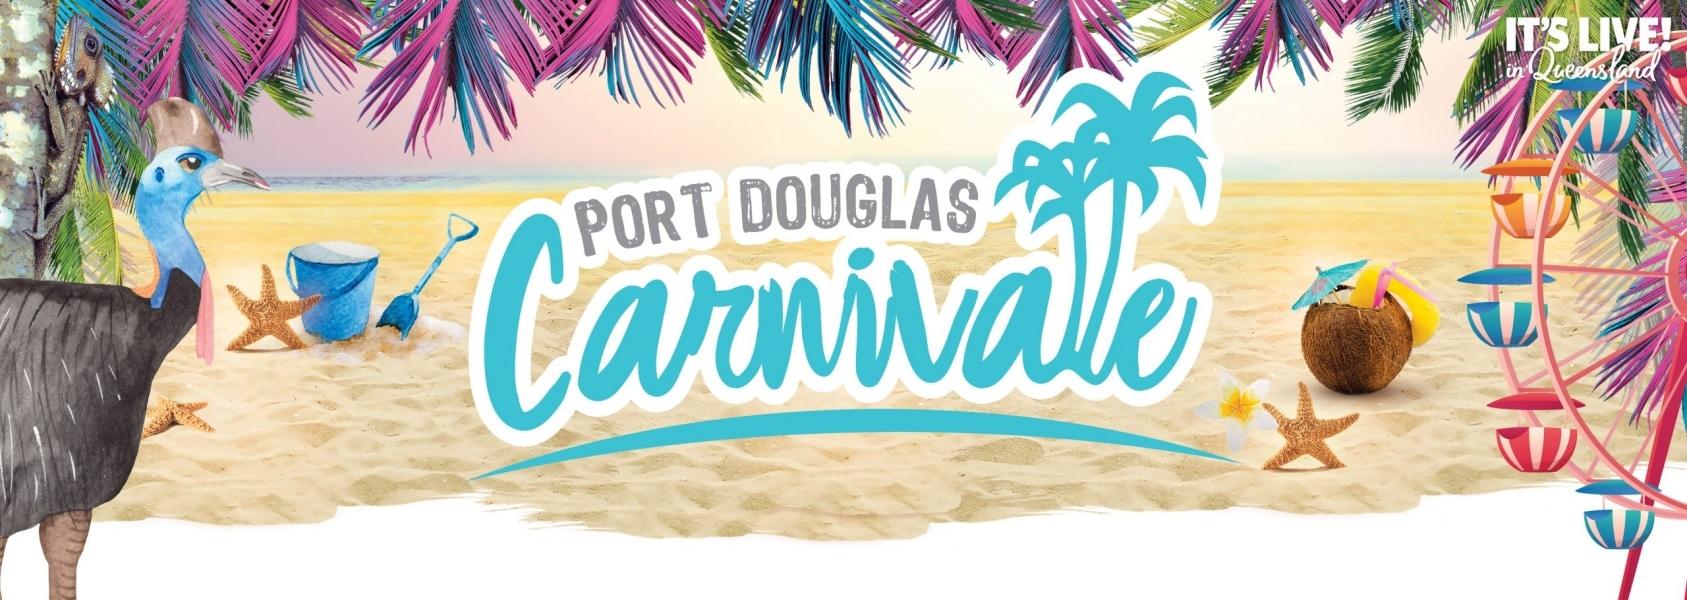 Port Douglas Carnivale Prepares To Launch